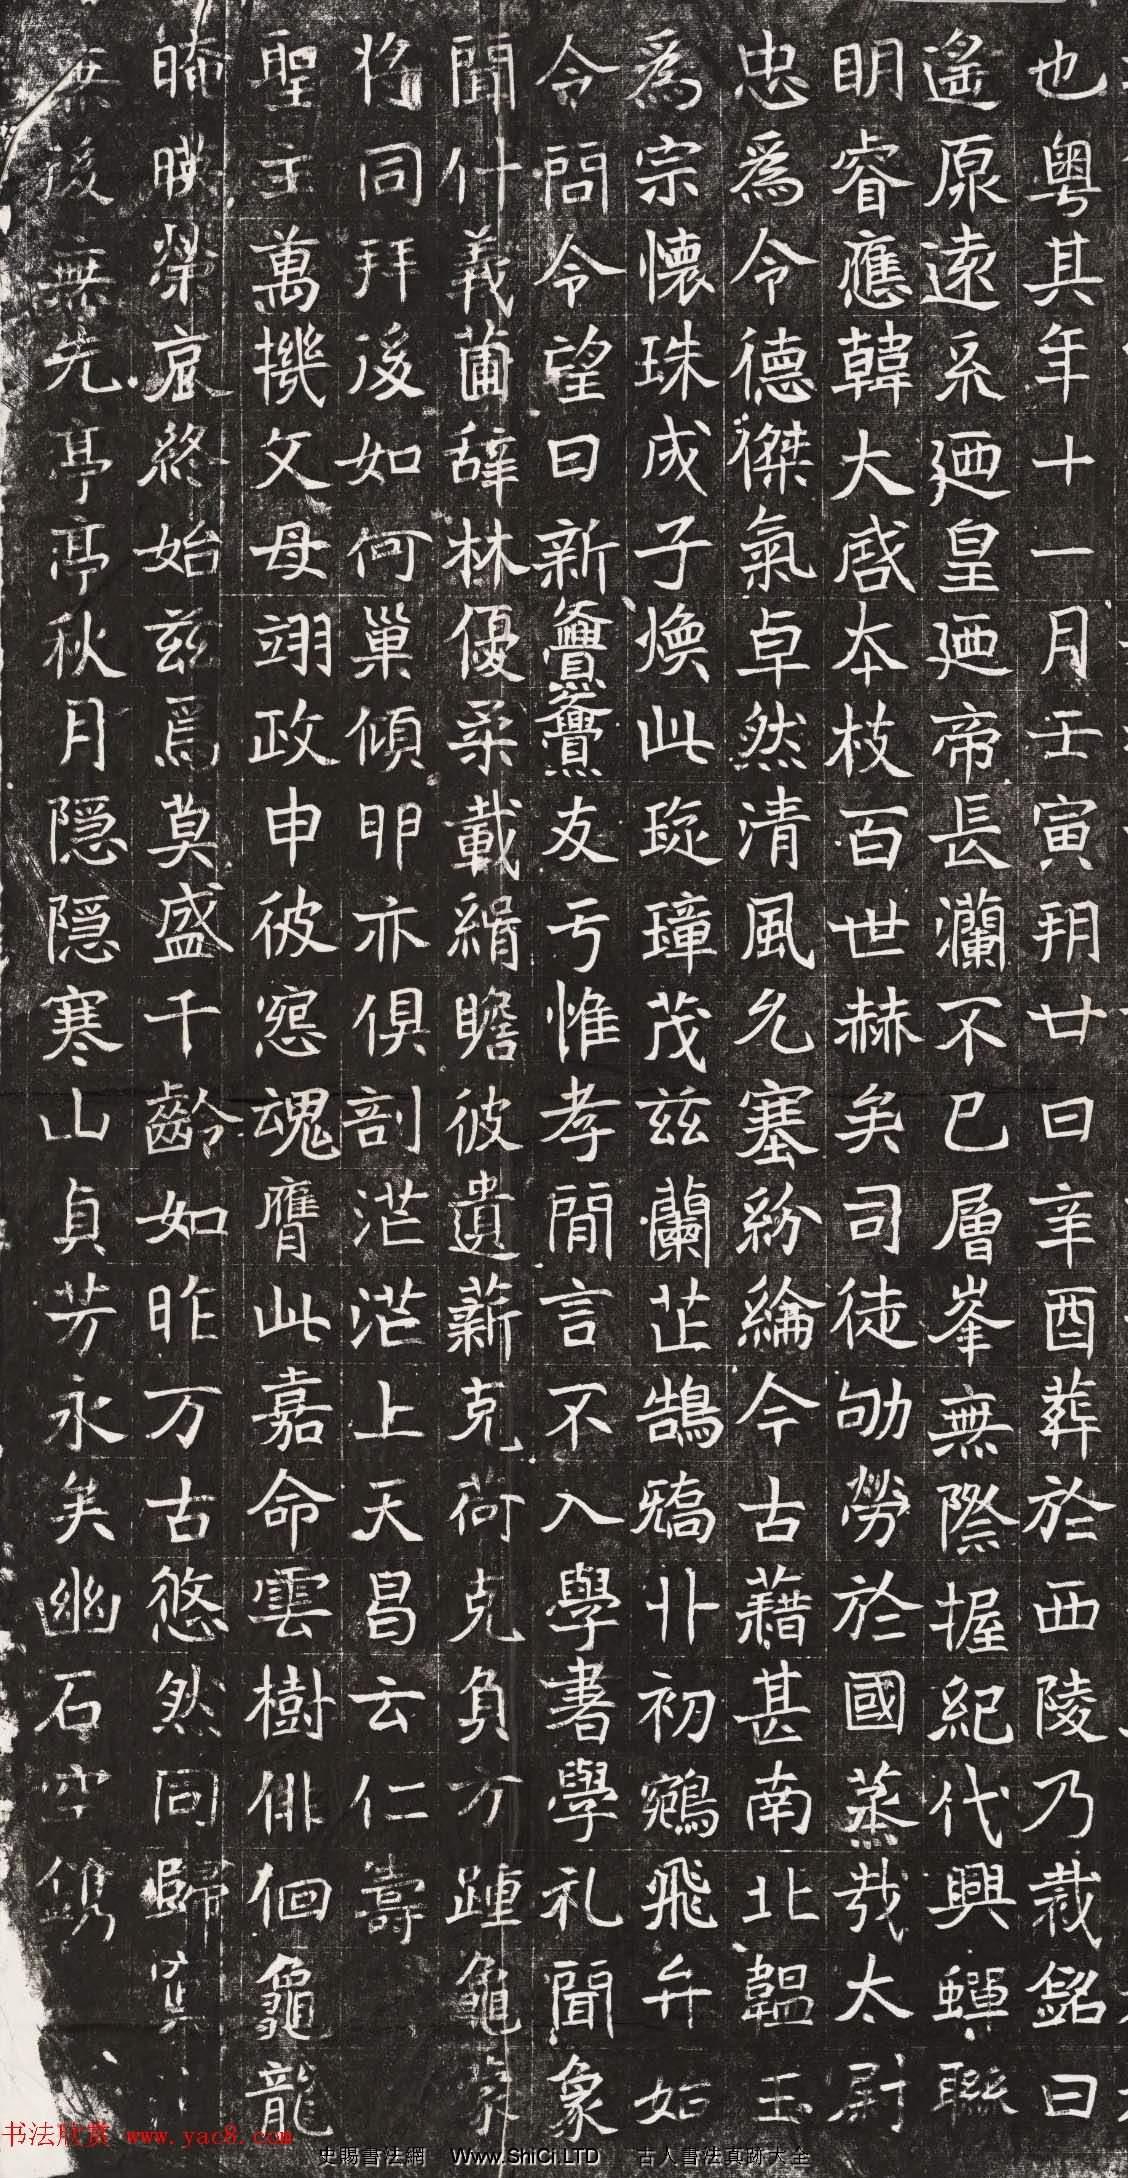 北魏正書石刻欣賞《元卓墓誌》高清拓本